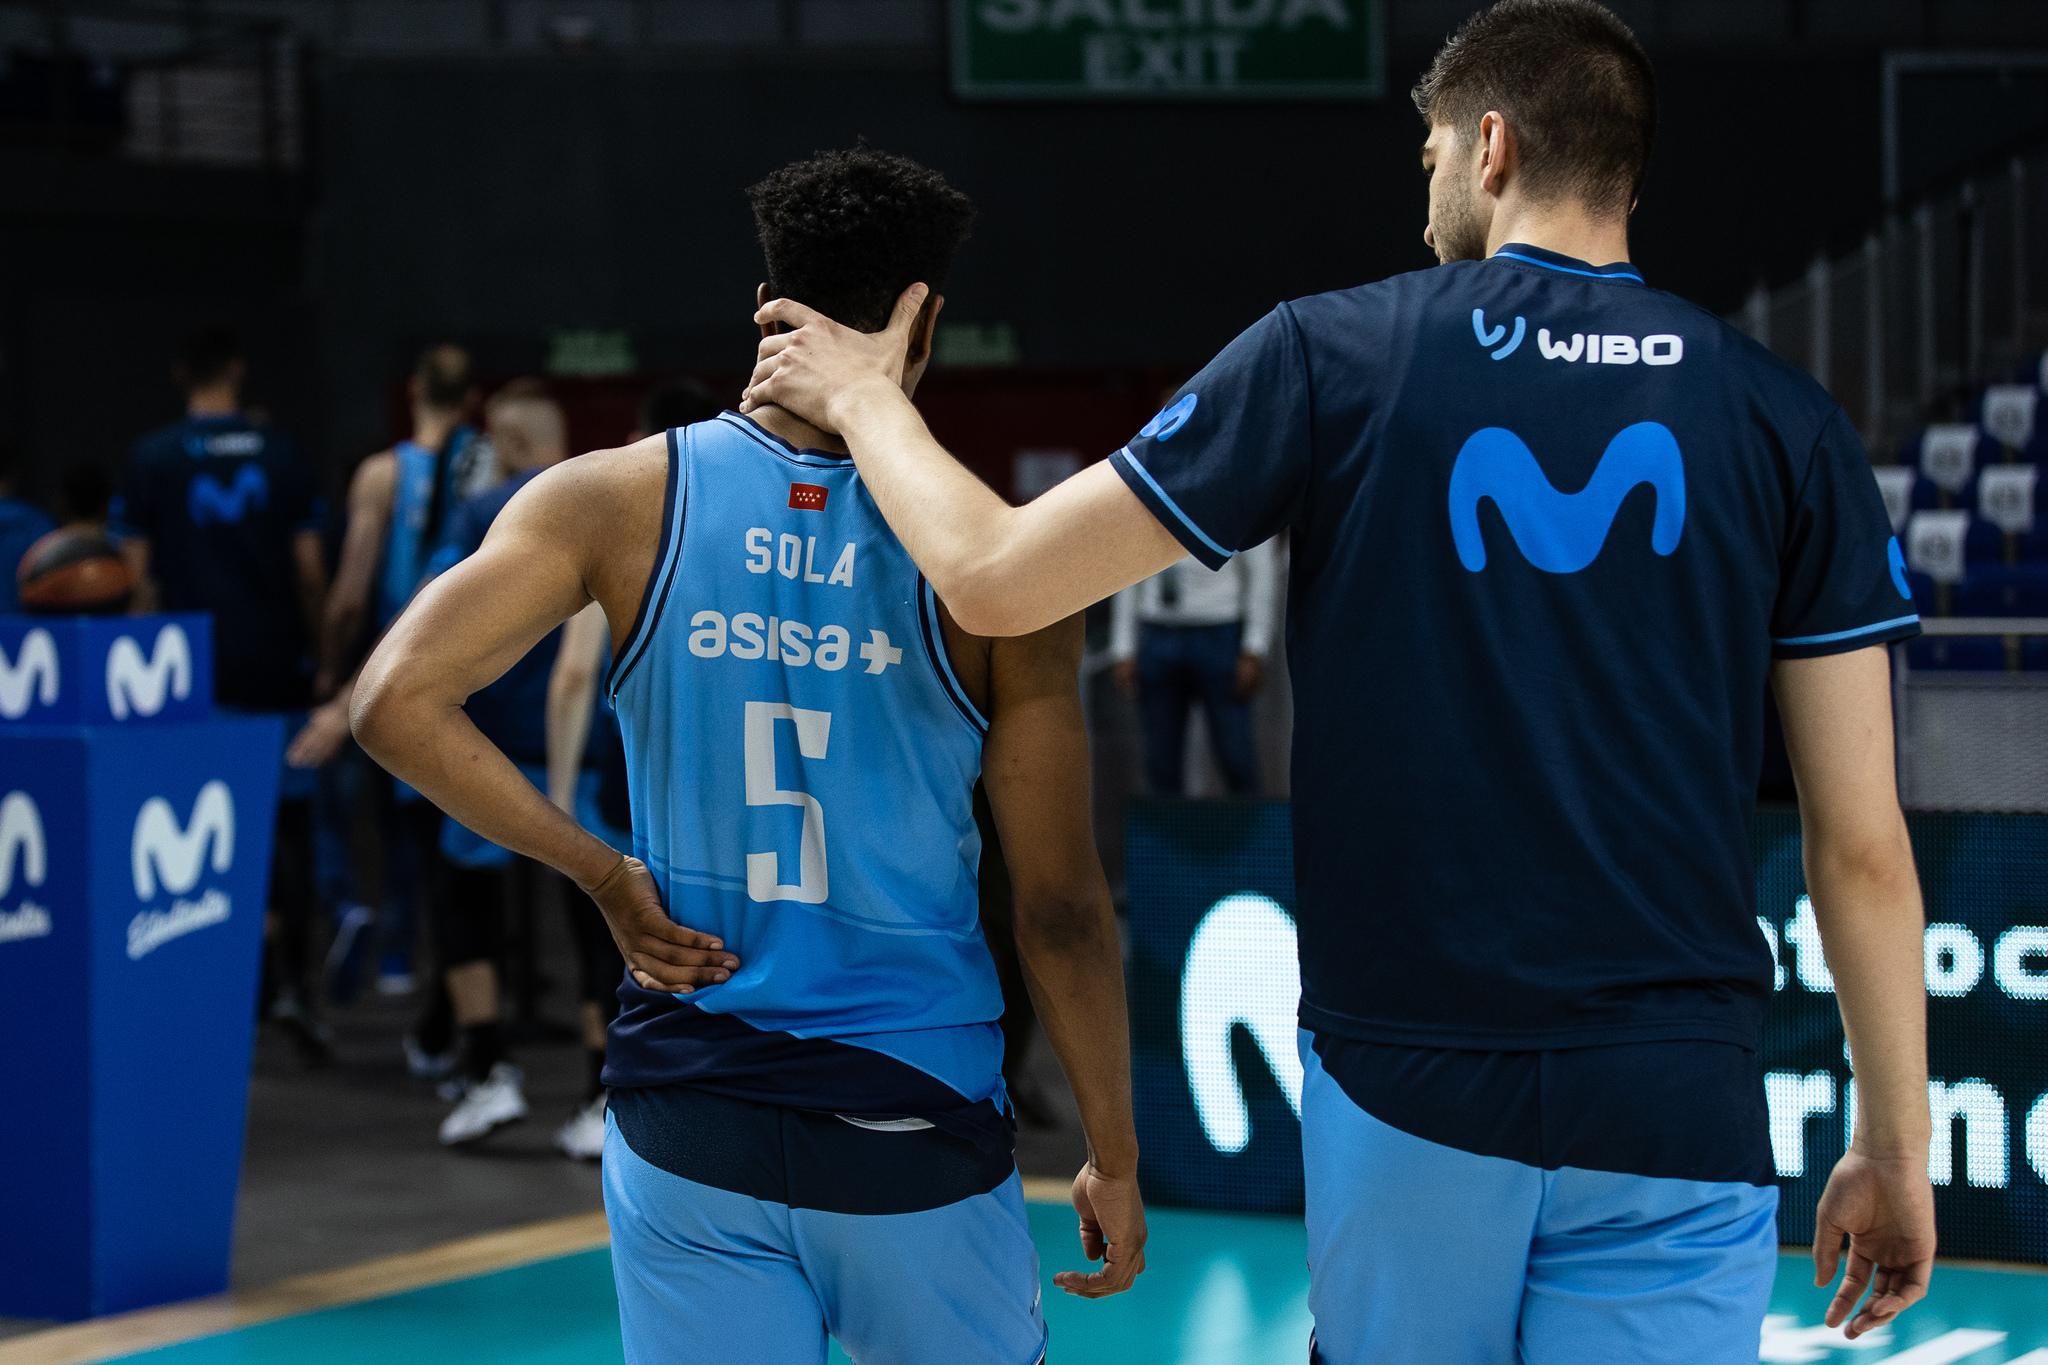 Adam Sola, consolado por un compañero tras perder ante el Burgos.